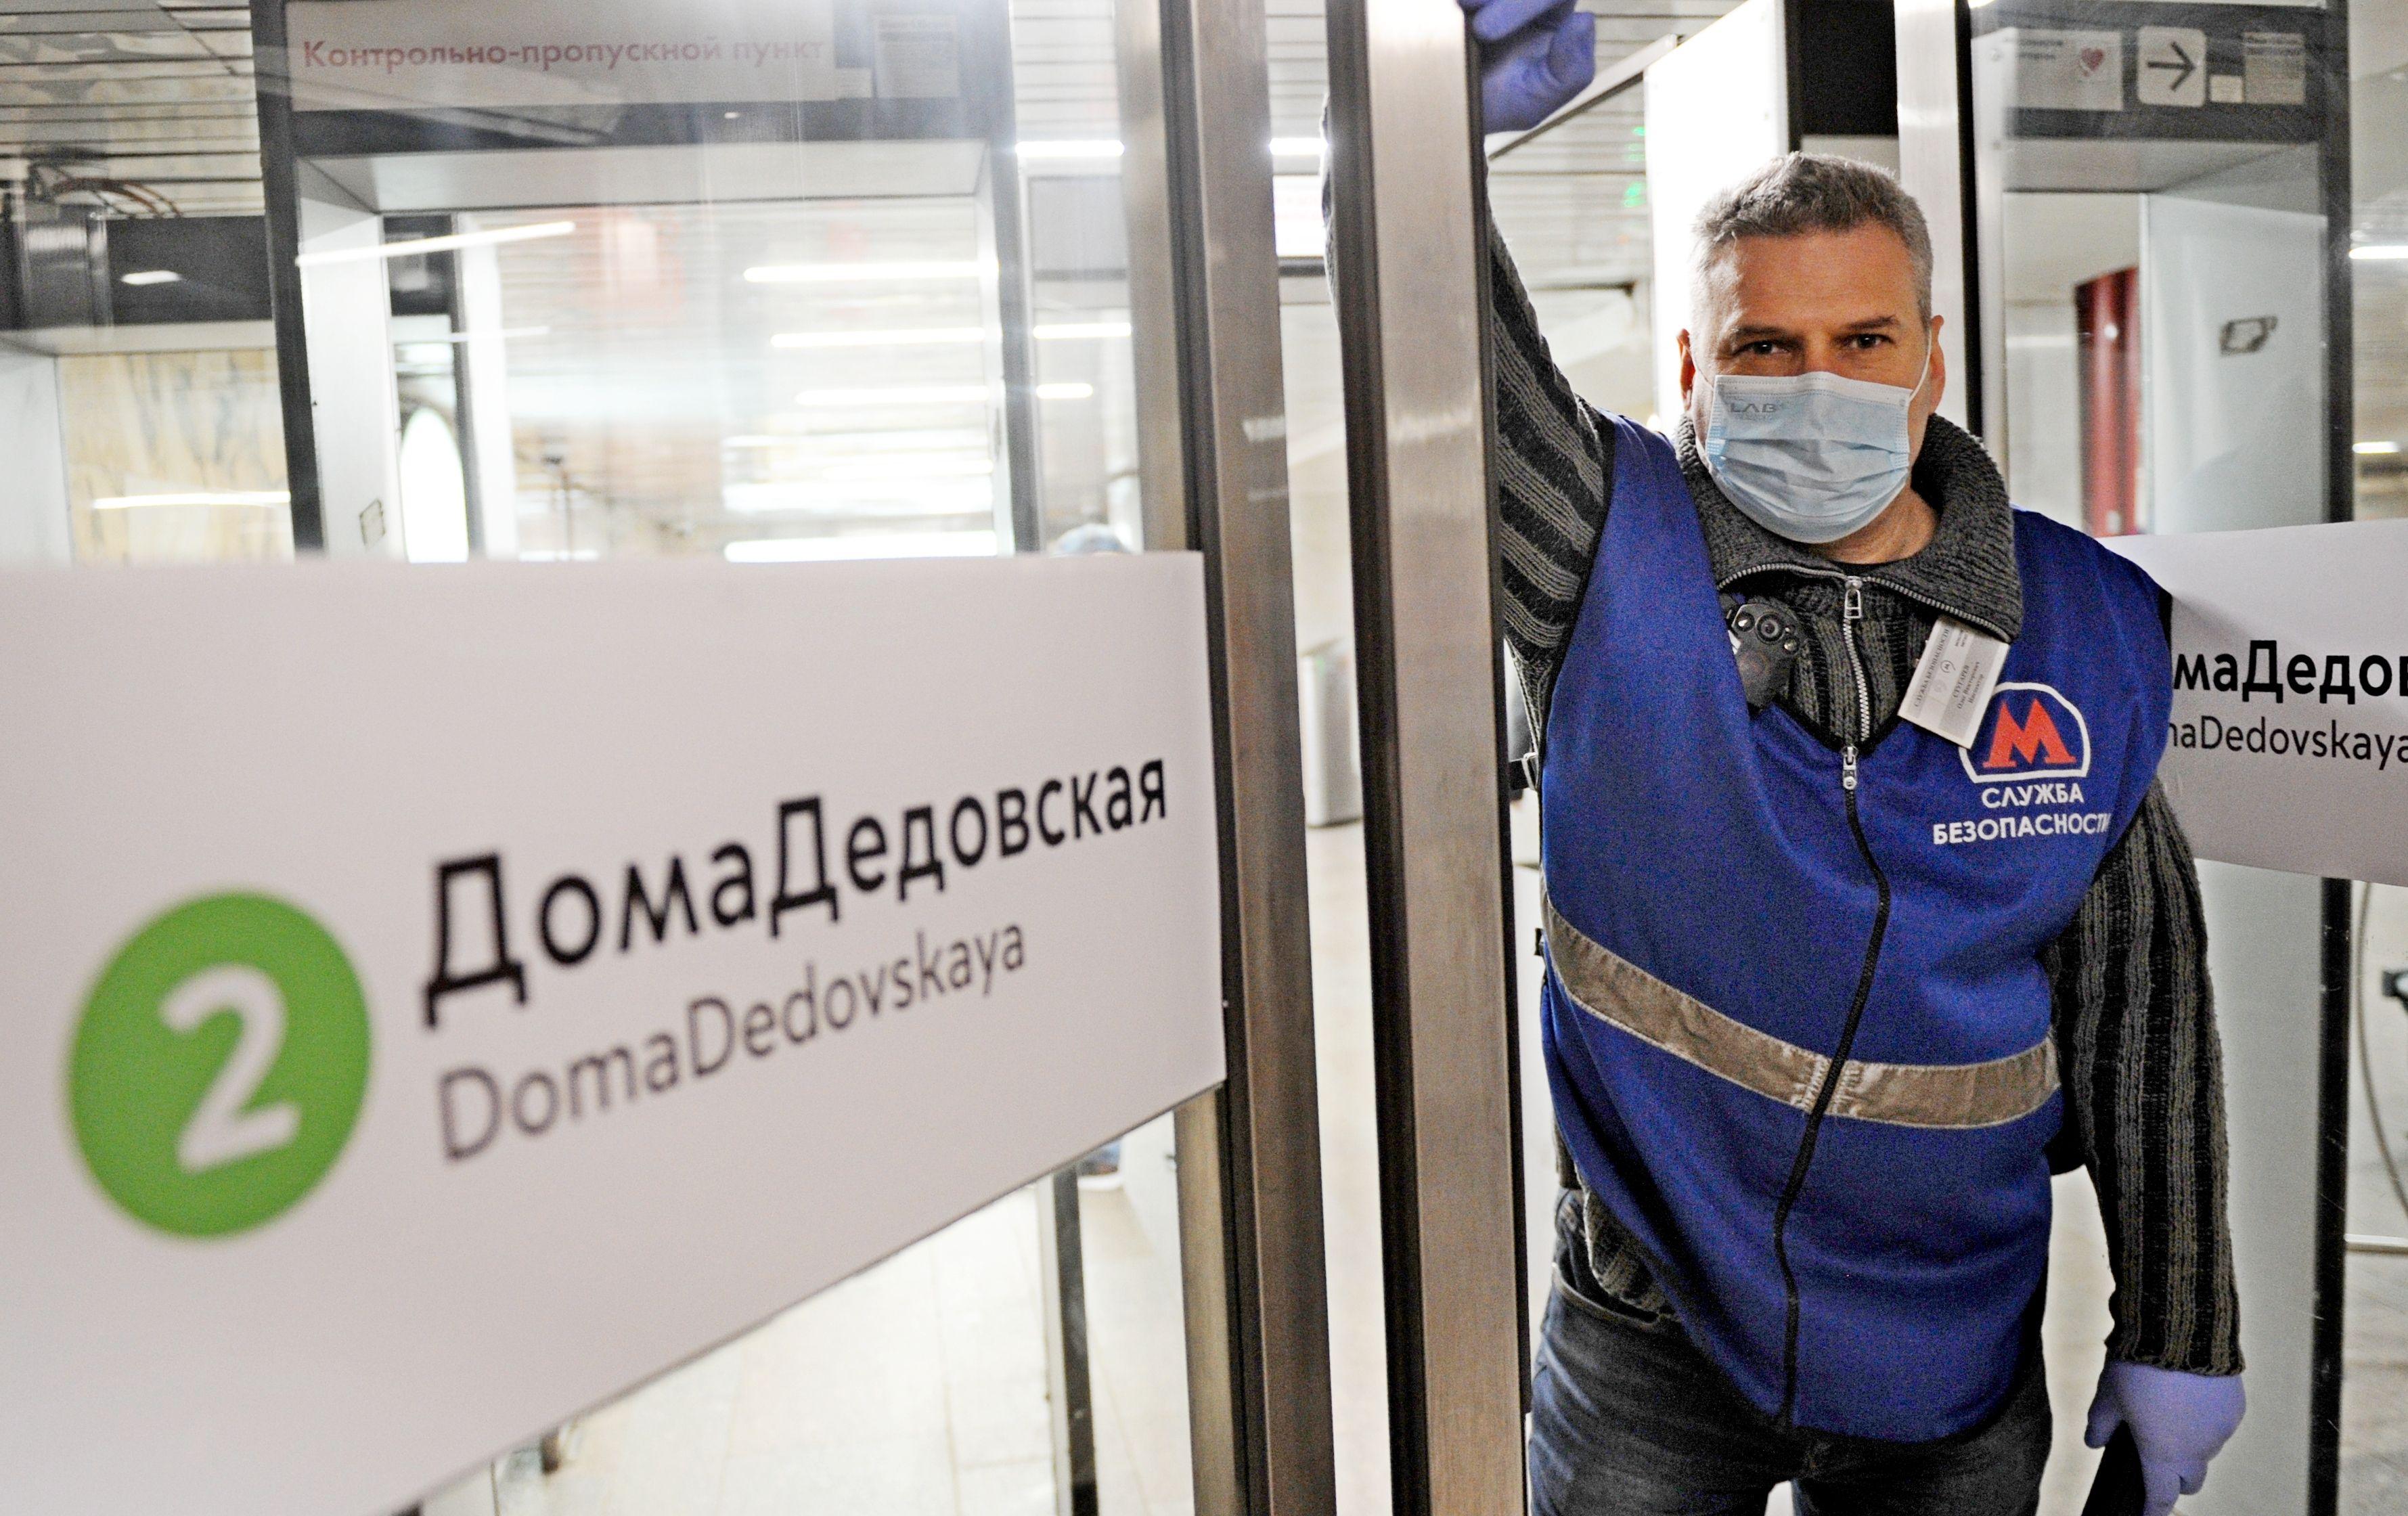 Москва применила генераторы горячего воздуха для дезинфекции метро